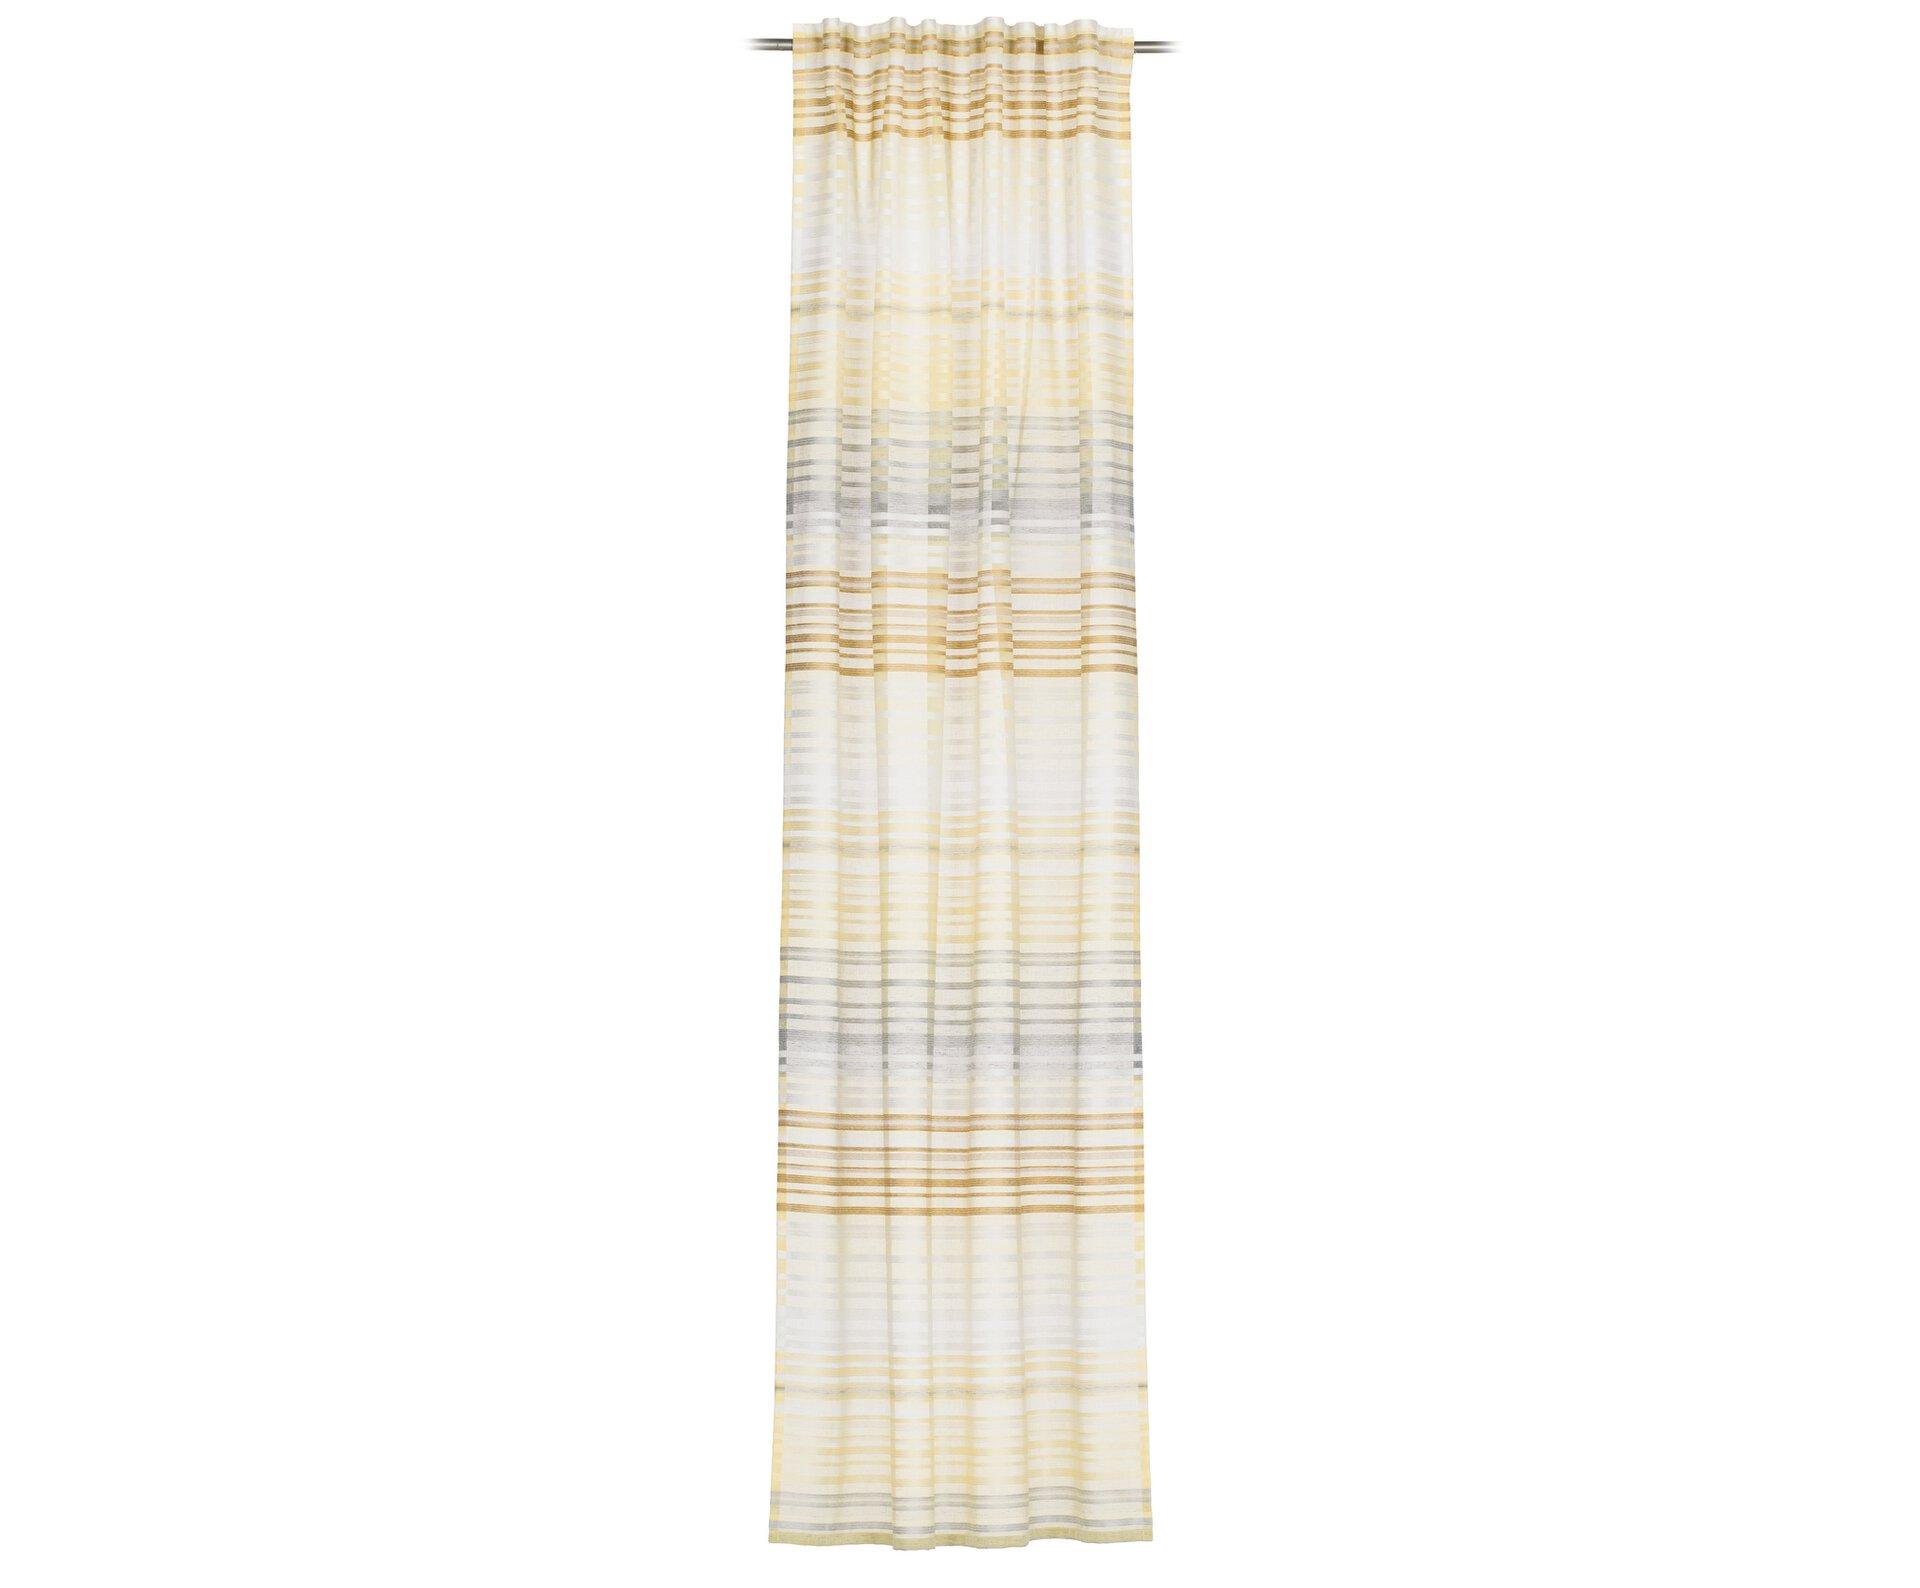 Schlaufenschal Francesco Ambiente Trendlife Textil gelb 140 x 245 cm